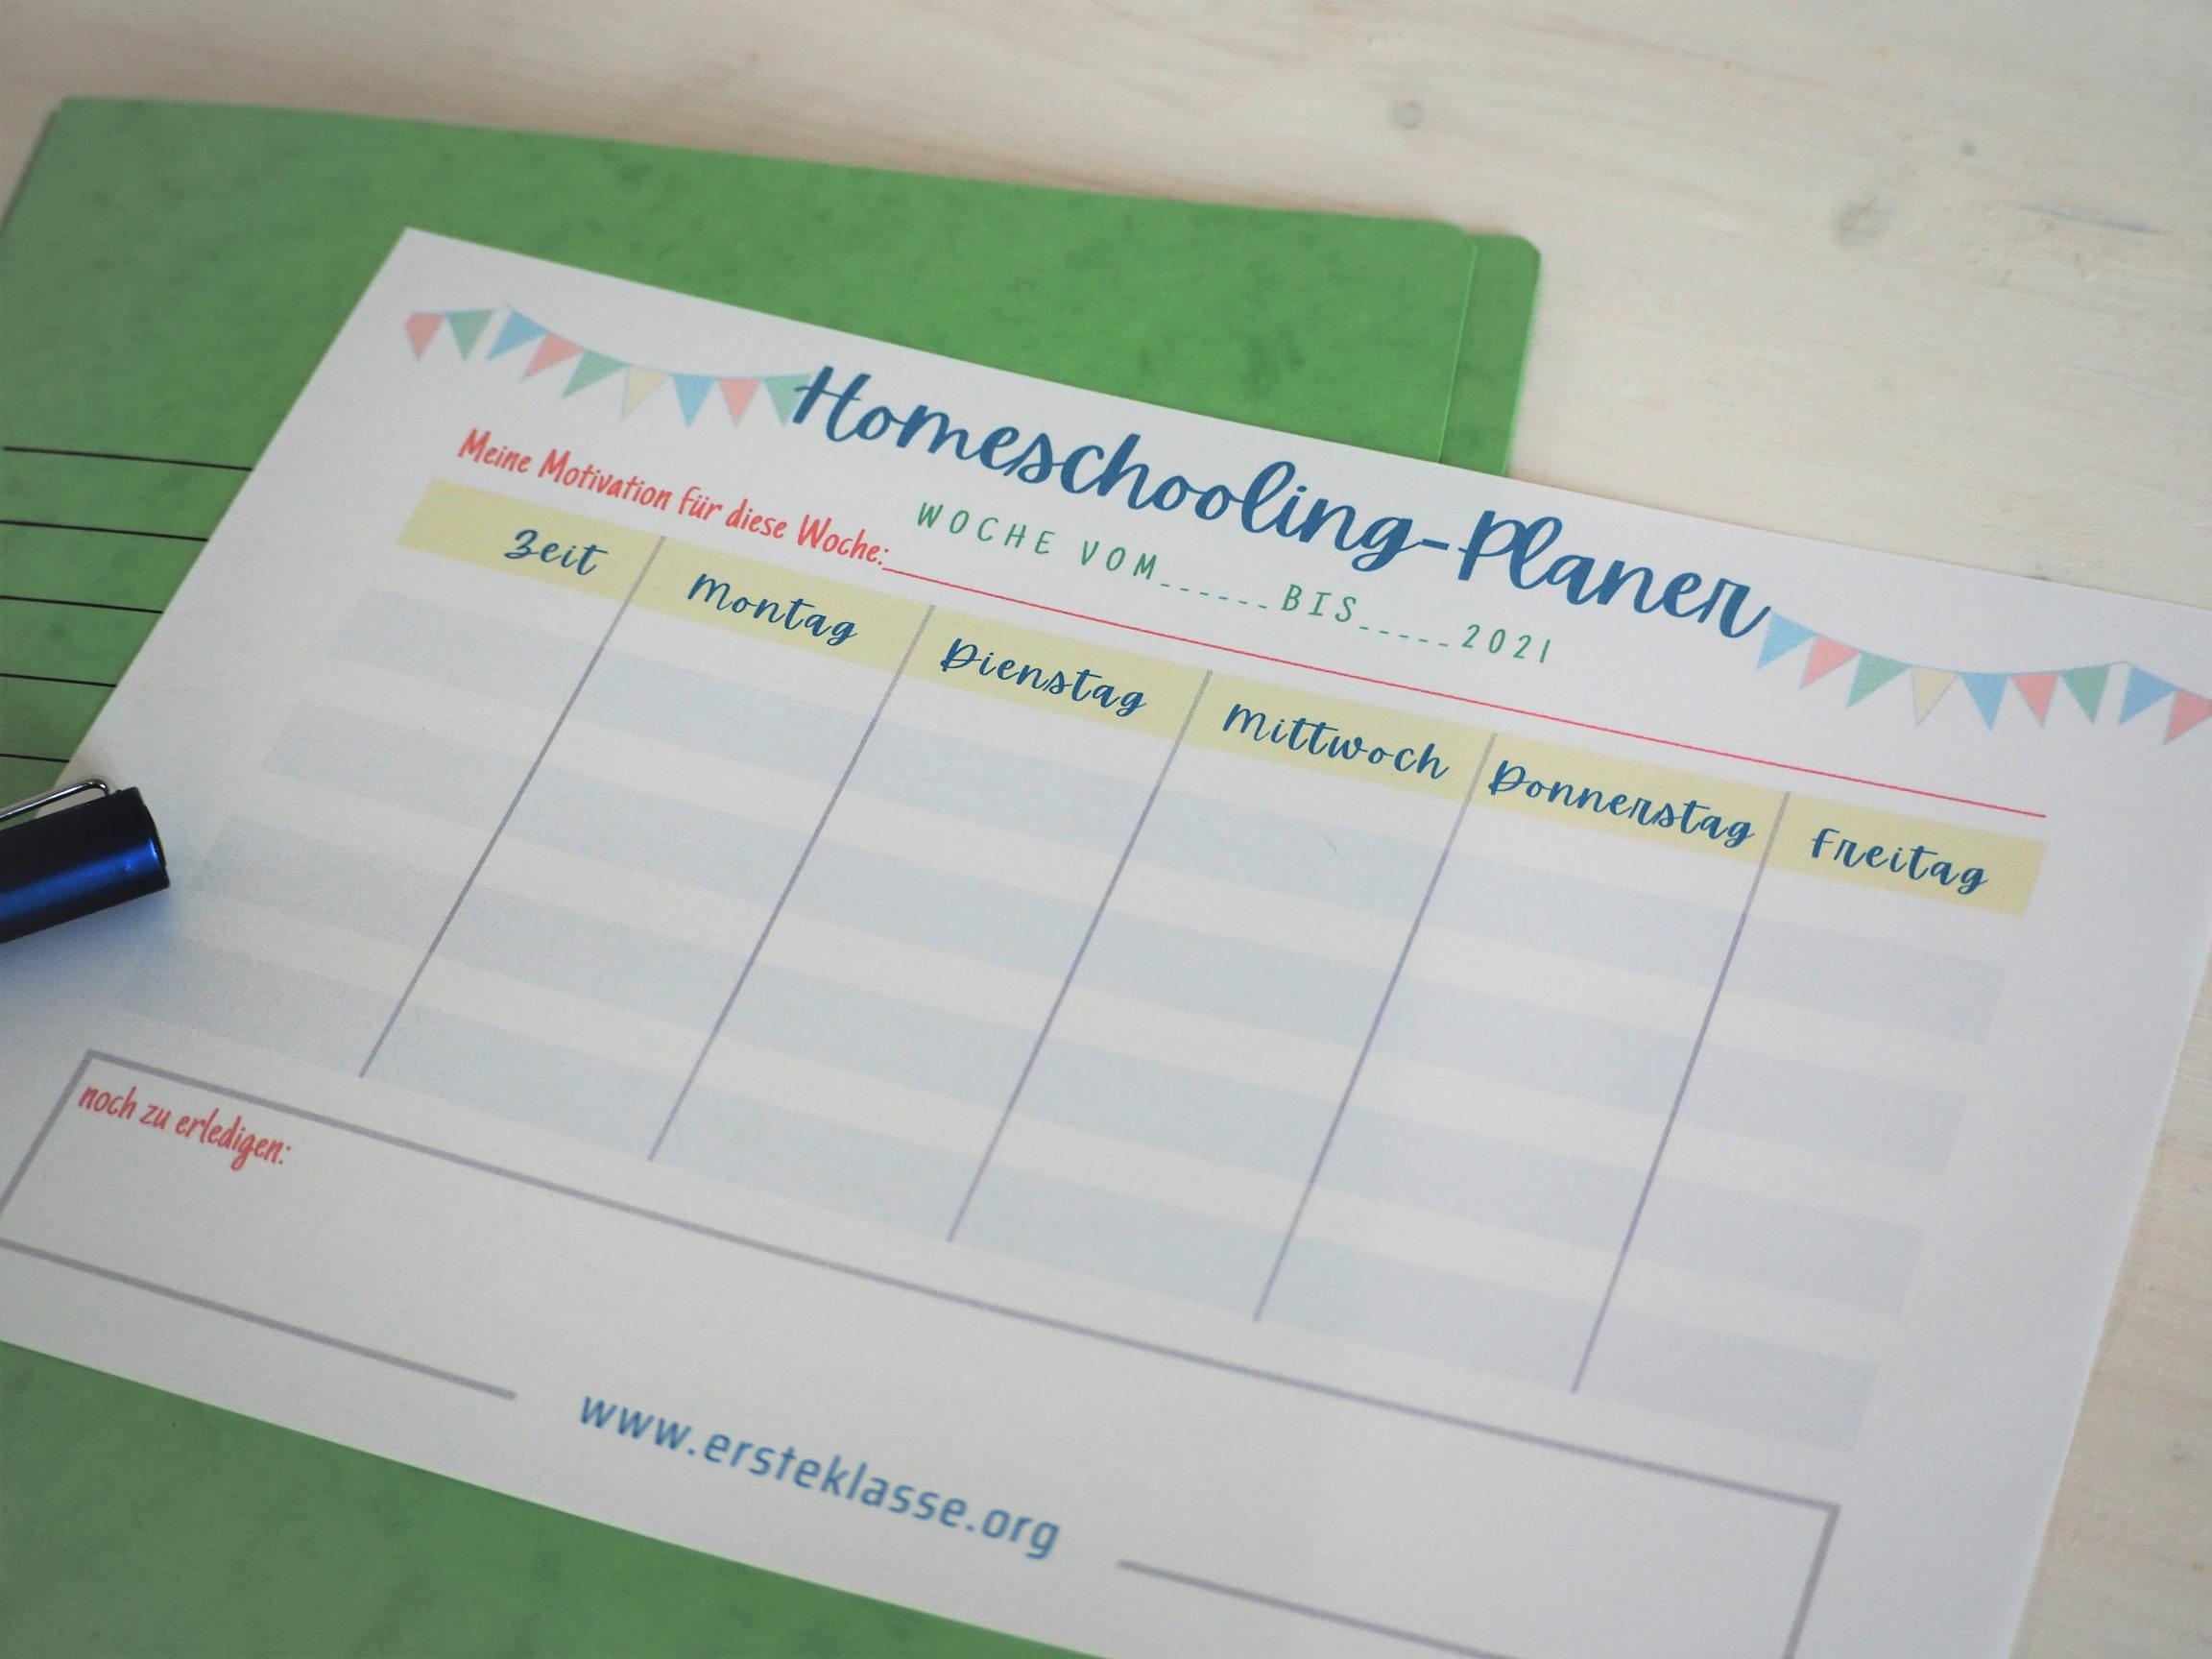 Homeschooling-Planer